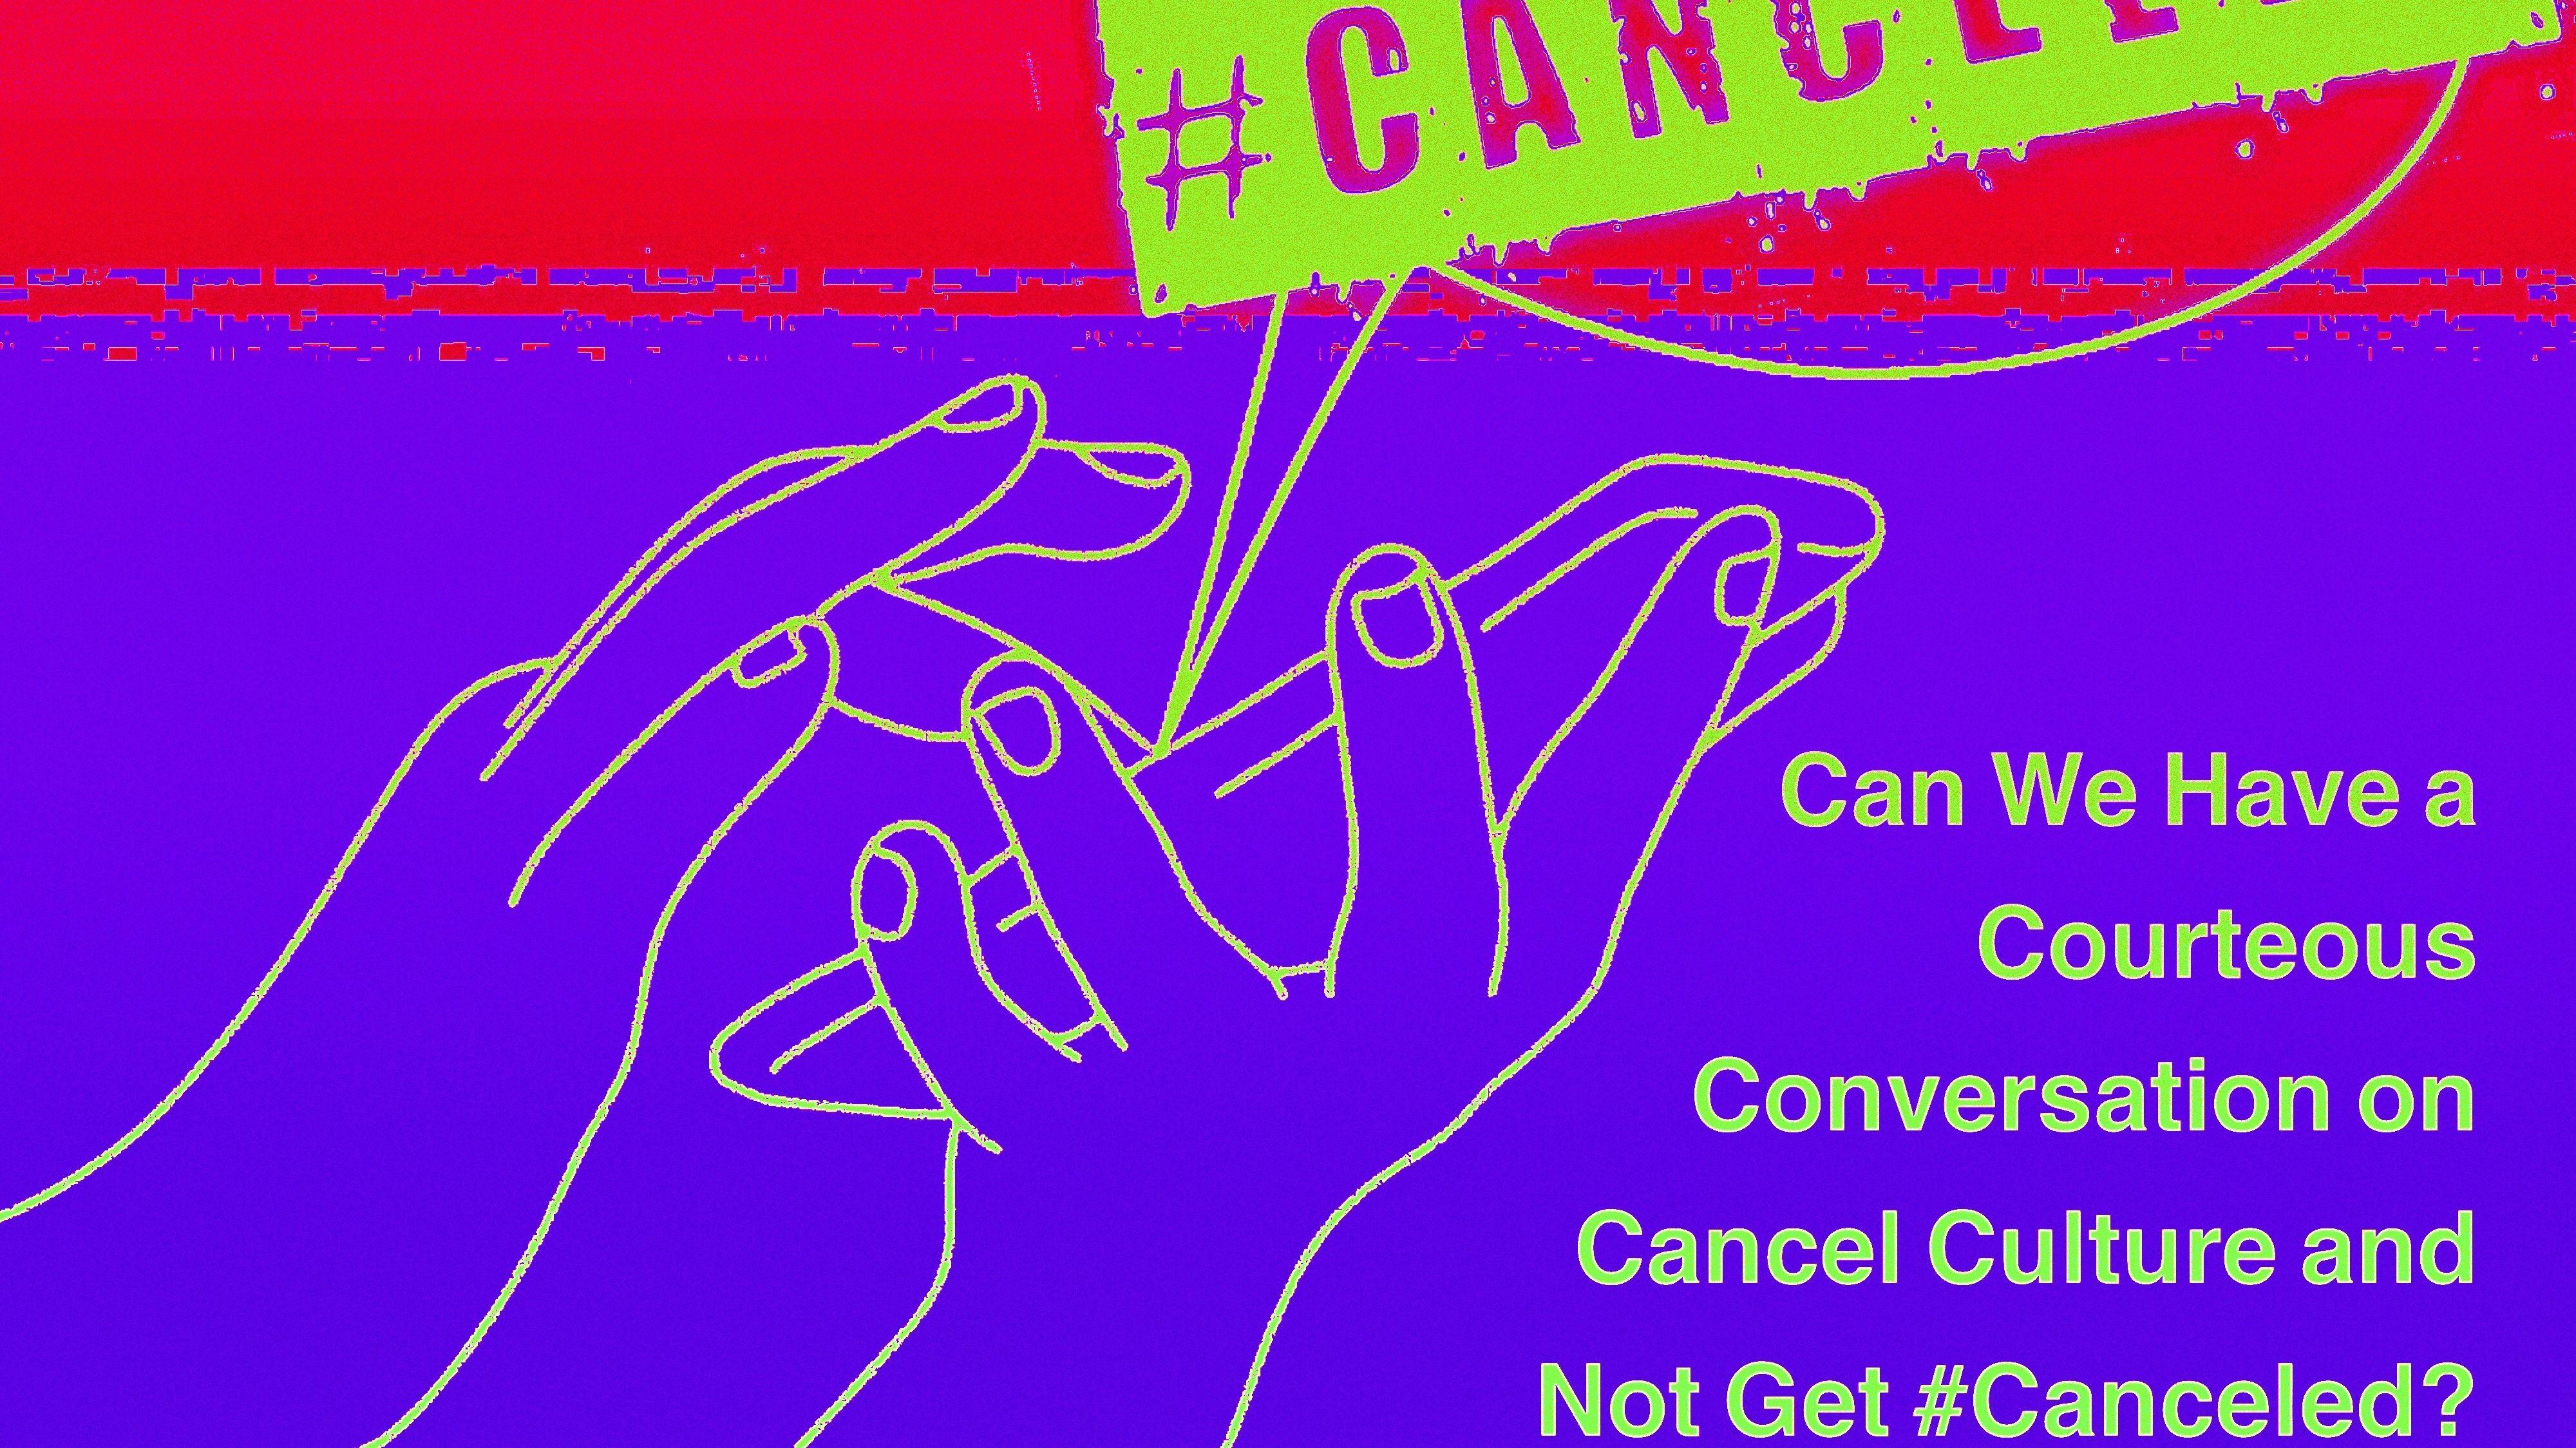 Hashtag CANCELED (we're not canceling)